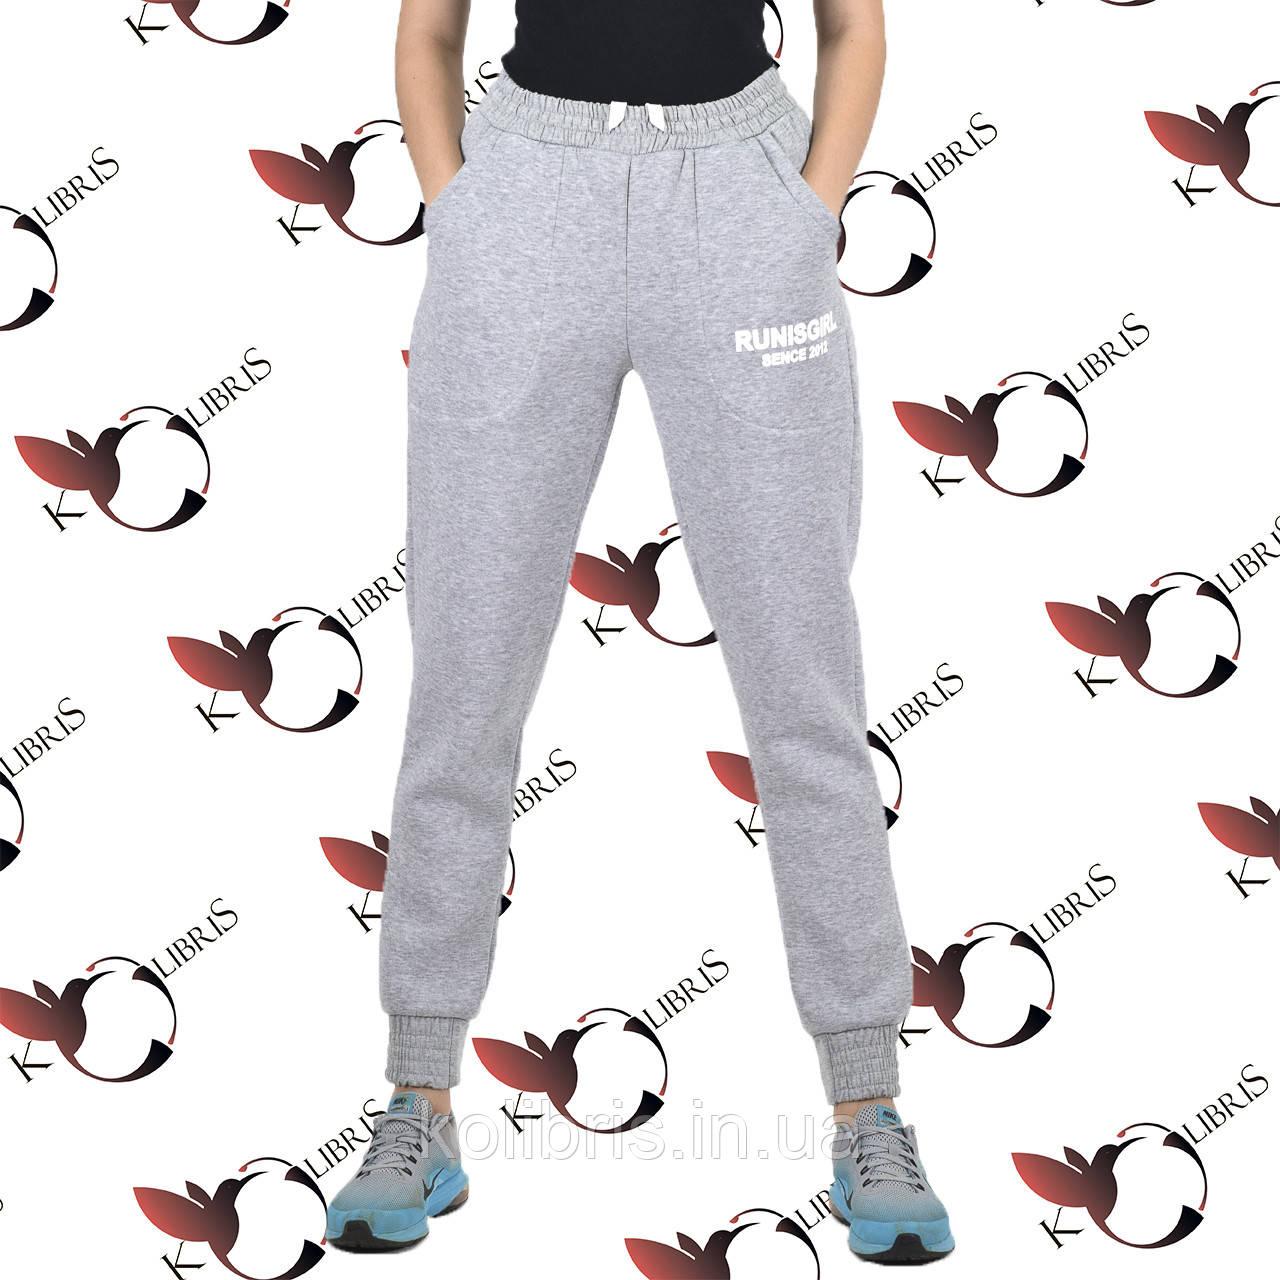 Утепленные светло-серые женские спортивные с печатью-накаткой штанишки трехнитка с начесом